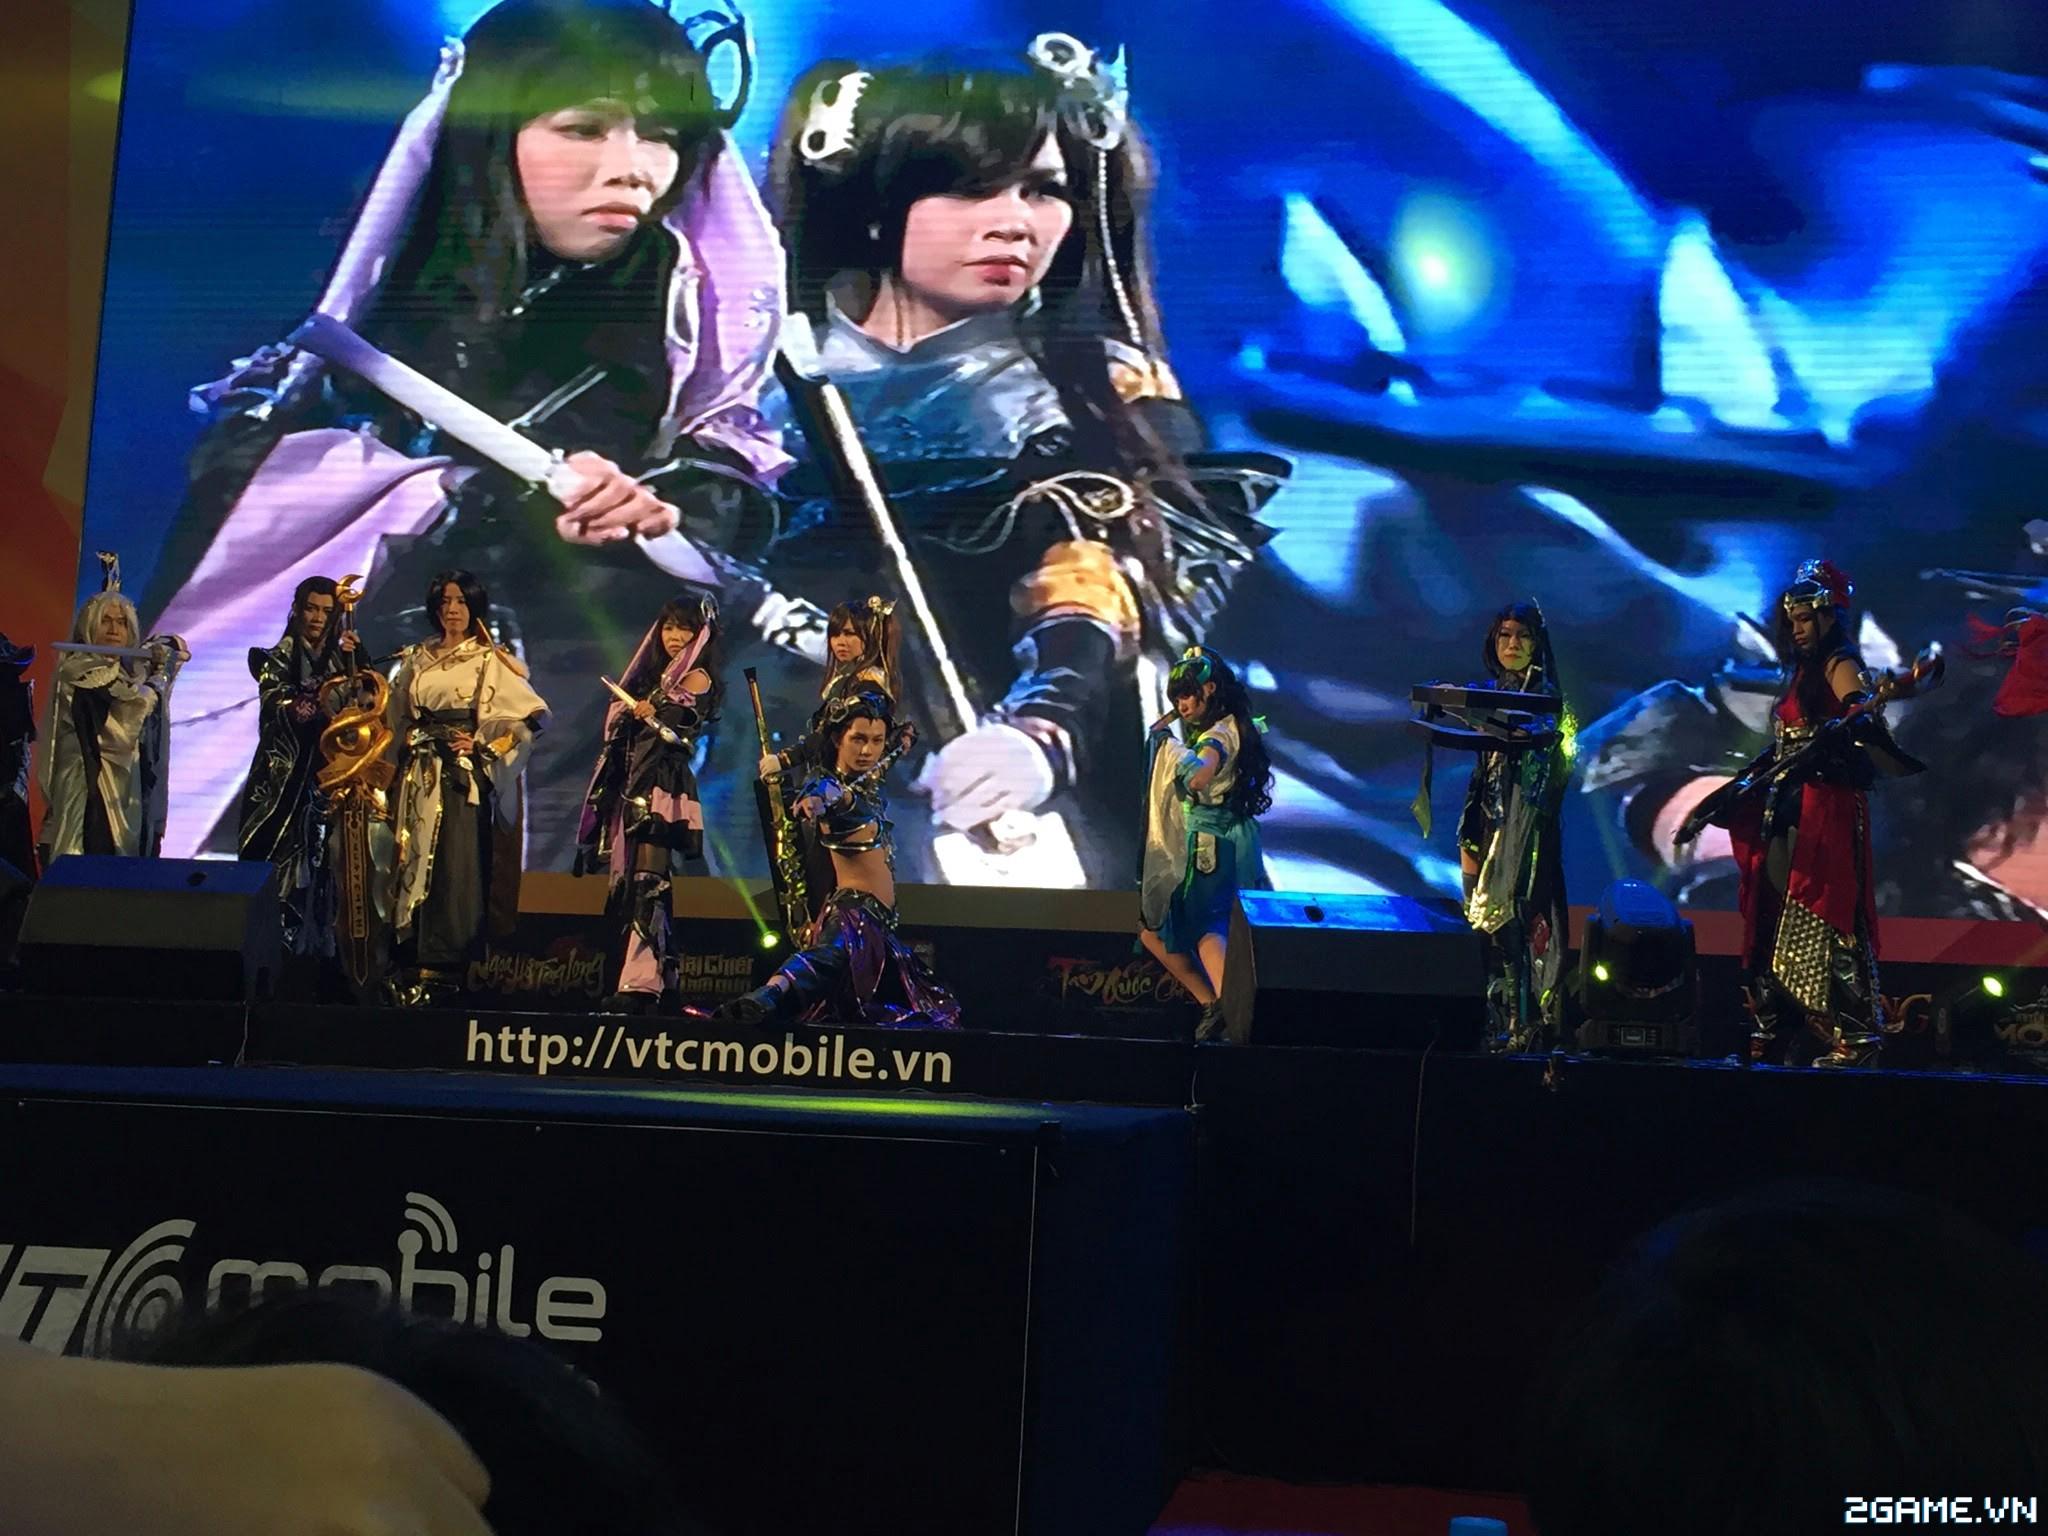 Huyền Thoại MOBA - Hàng ngàn game thủ đội nắng tham dự VTC Mobile Festival 5